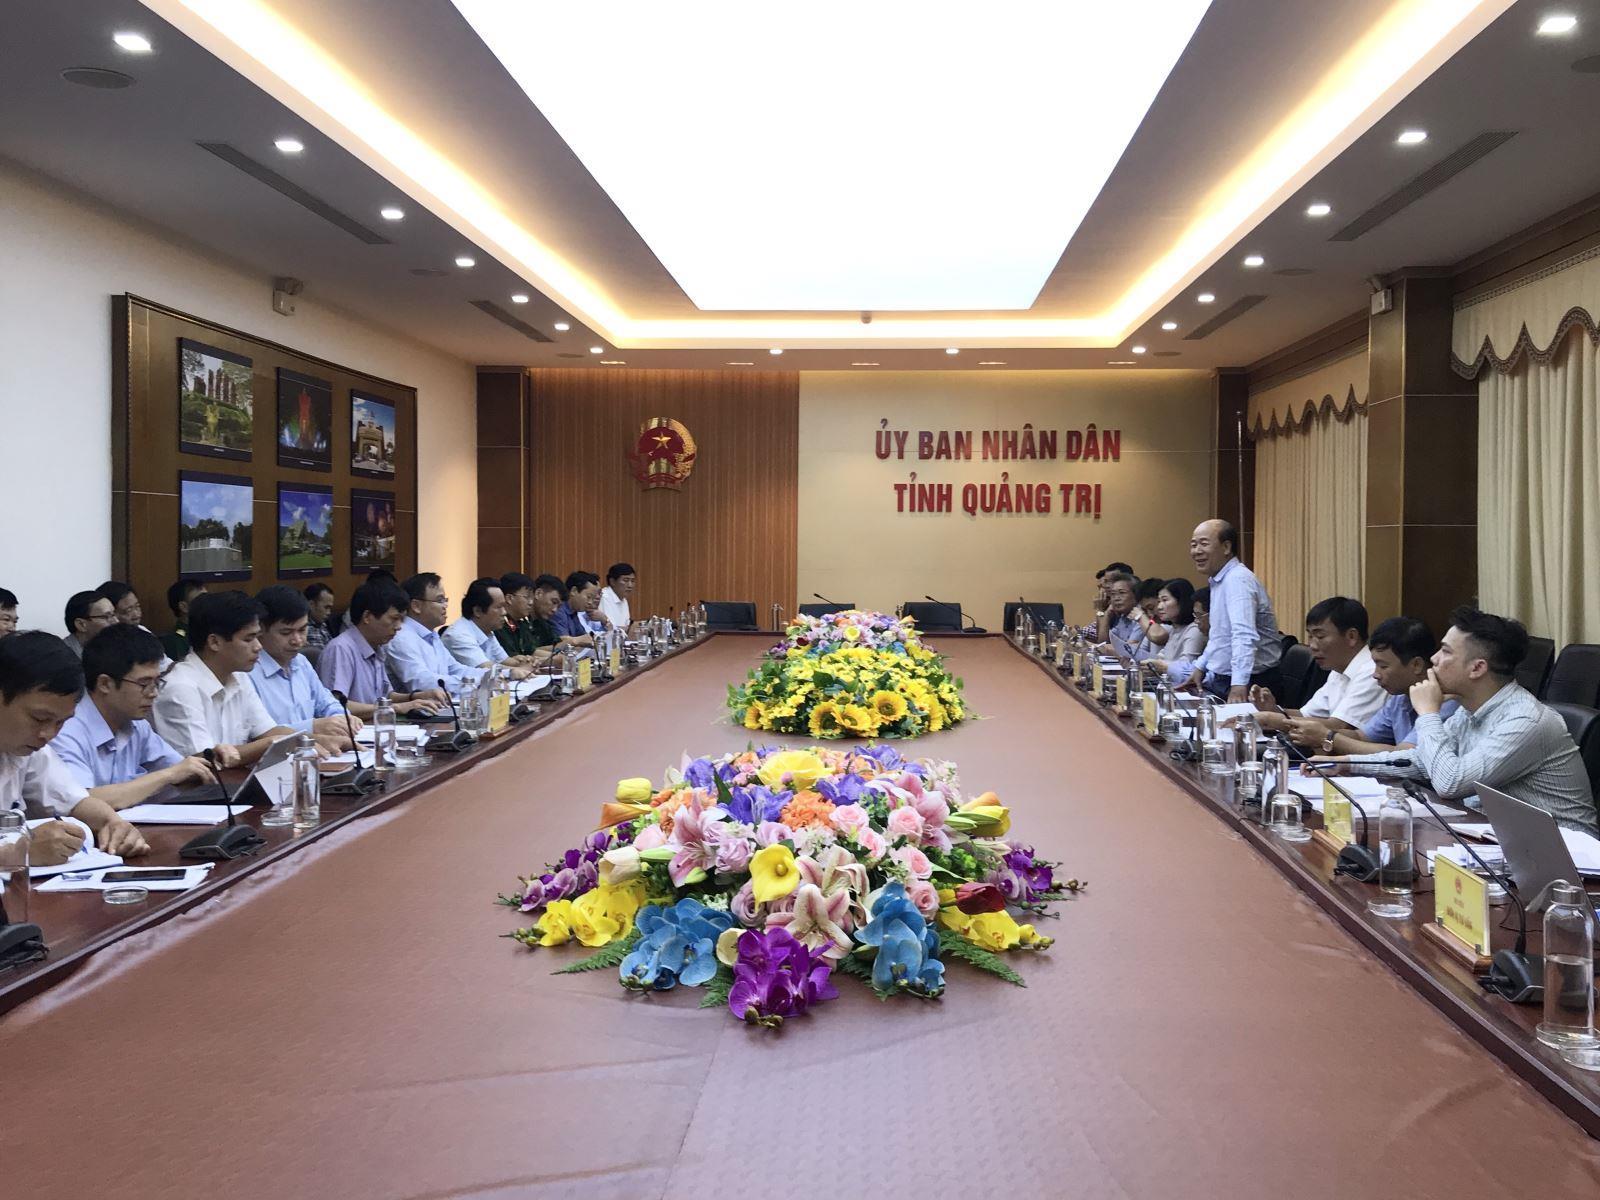 Đoàn công tác Bộ Giao thông và Vận tải làm việc với UBND tỉnh